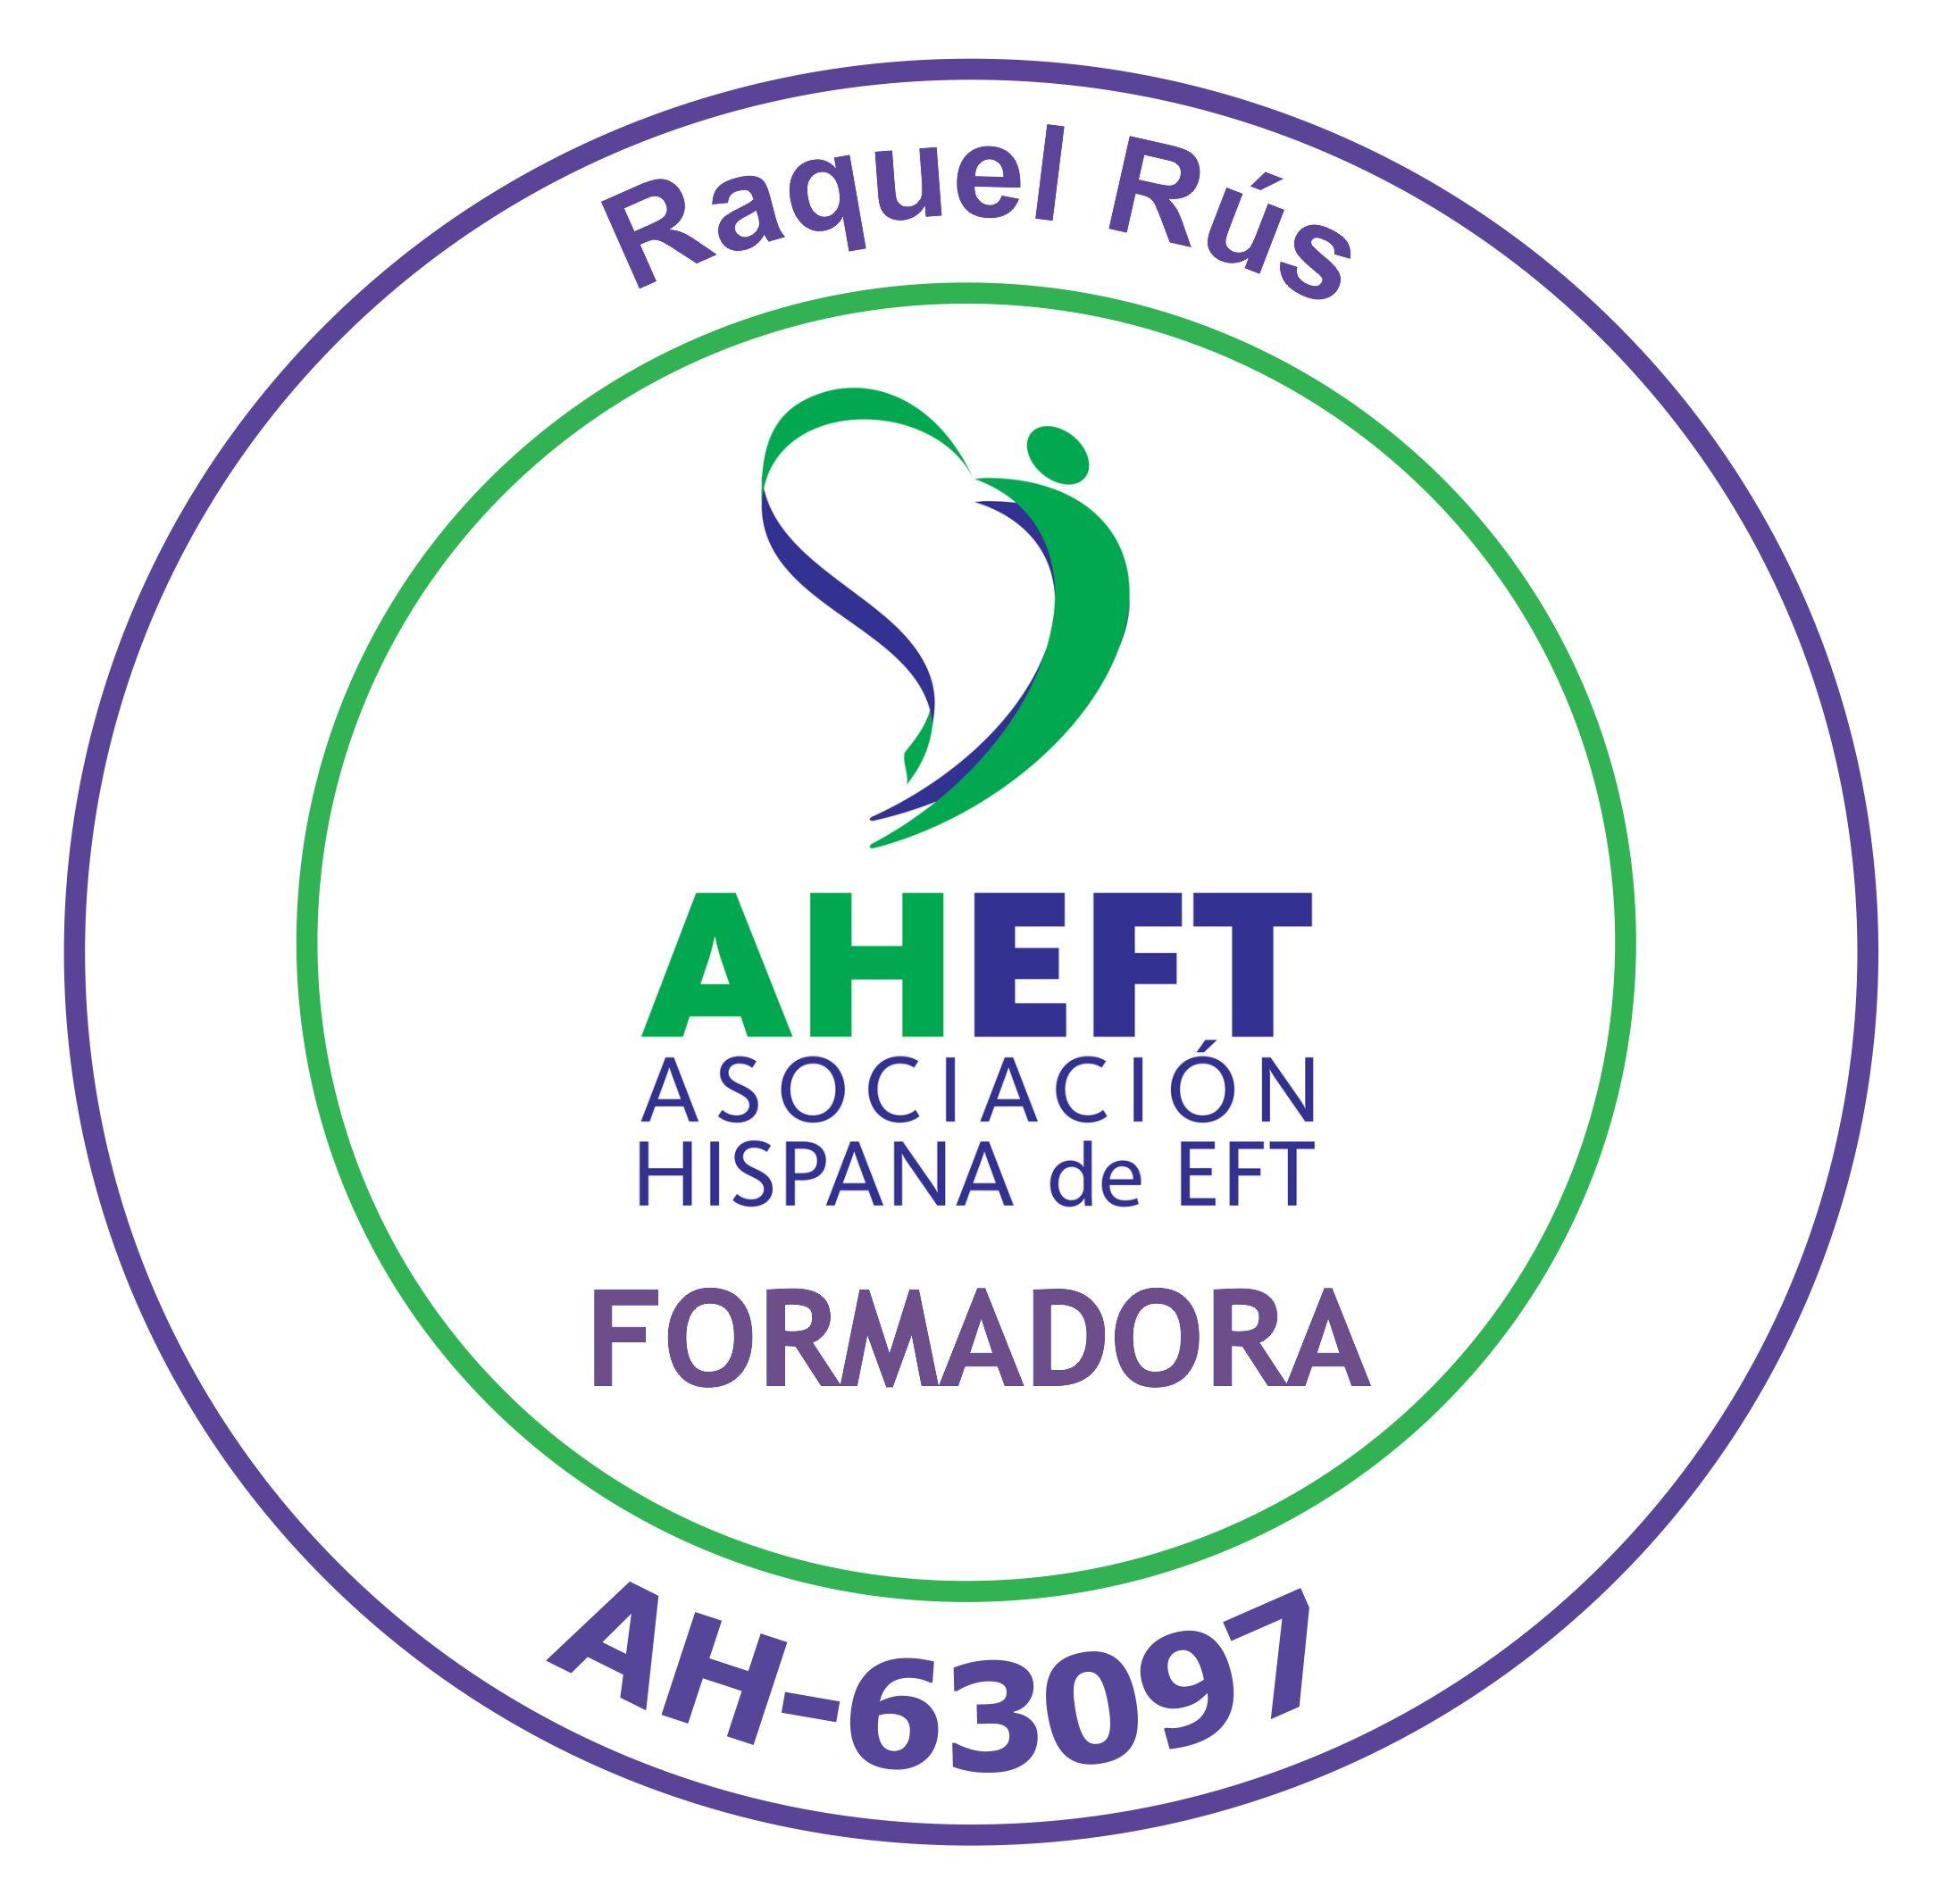 Formadora Avanzada de la Asociación Hispana de EFT (AHEFT).